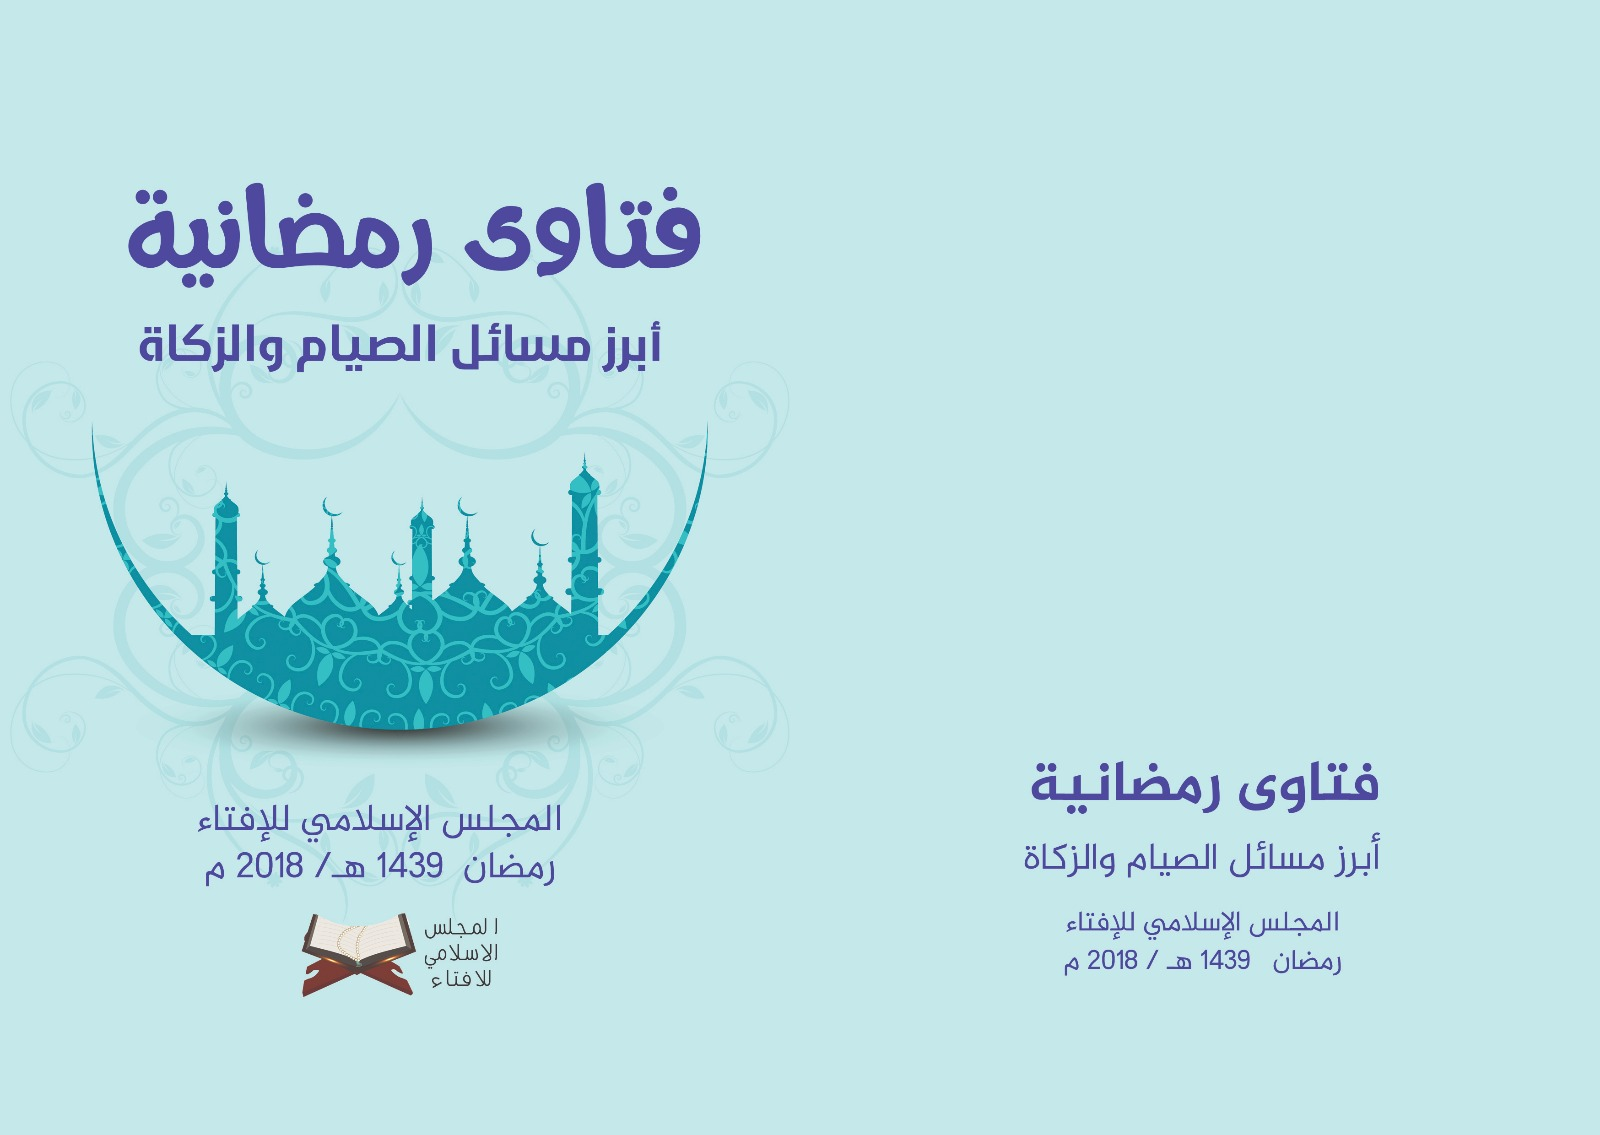 Photo of المجلس الإسلامي للإفتاء  يطلق حملة فقهية في الداخل  الفلسطيني استقبالا لشهر رمضان المبارك